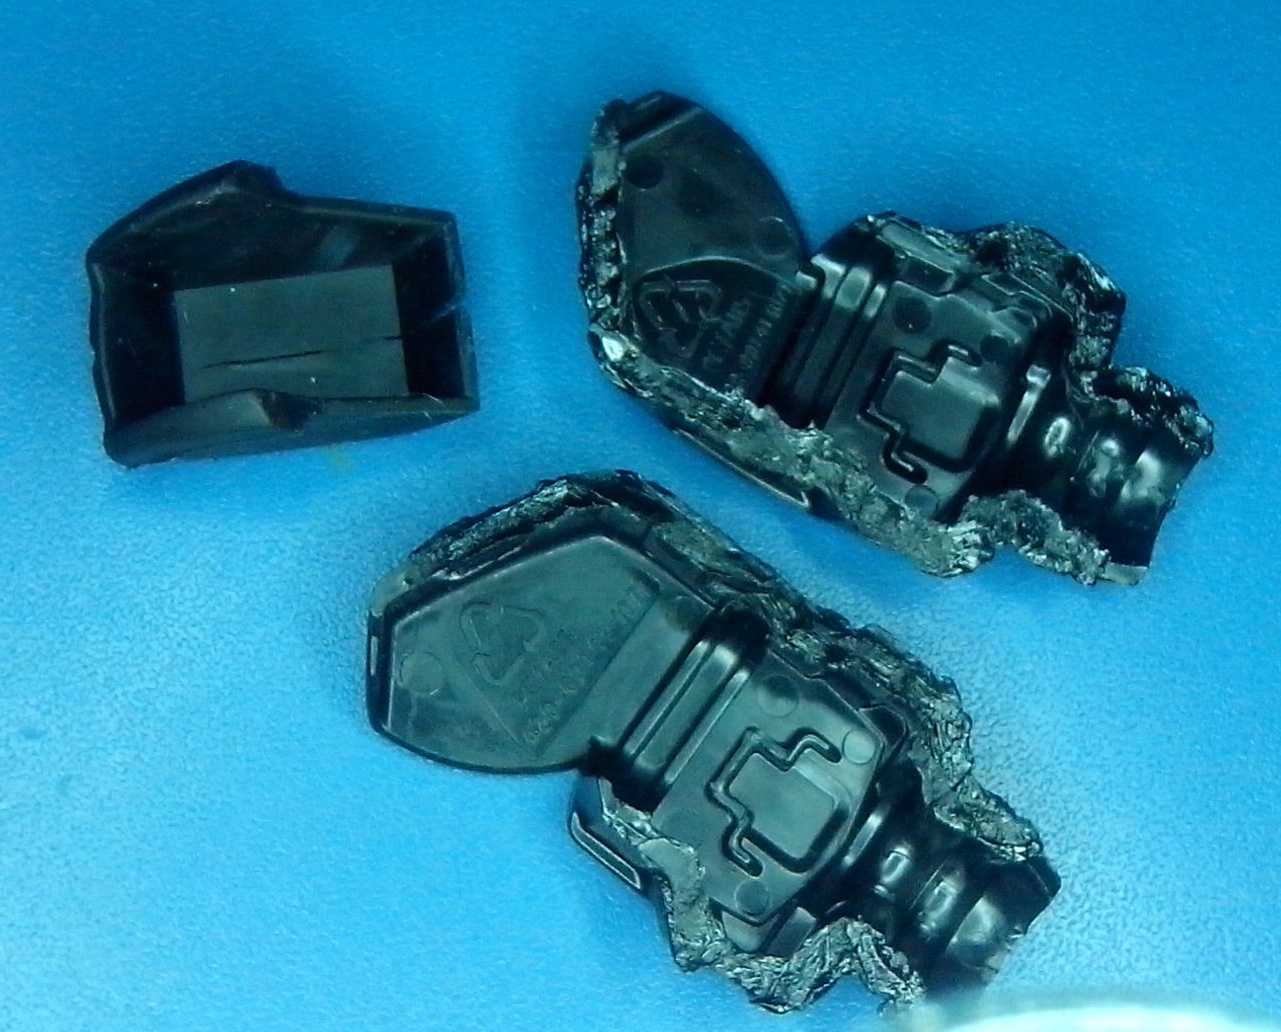 Разбор Heads-up Display из горнолыжной маски Recon Instruments MOD Live. Попытка починить… - 10